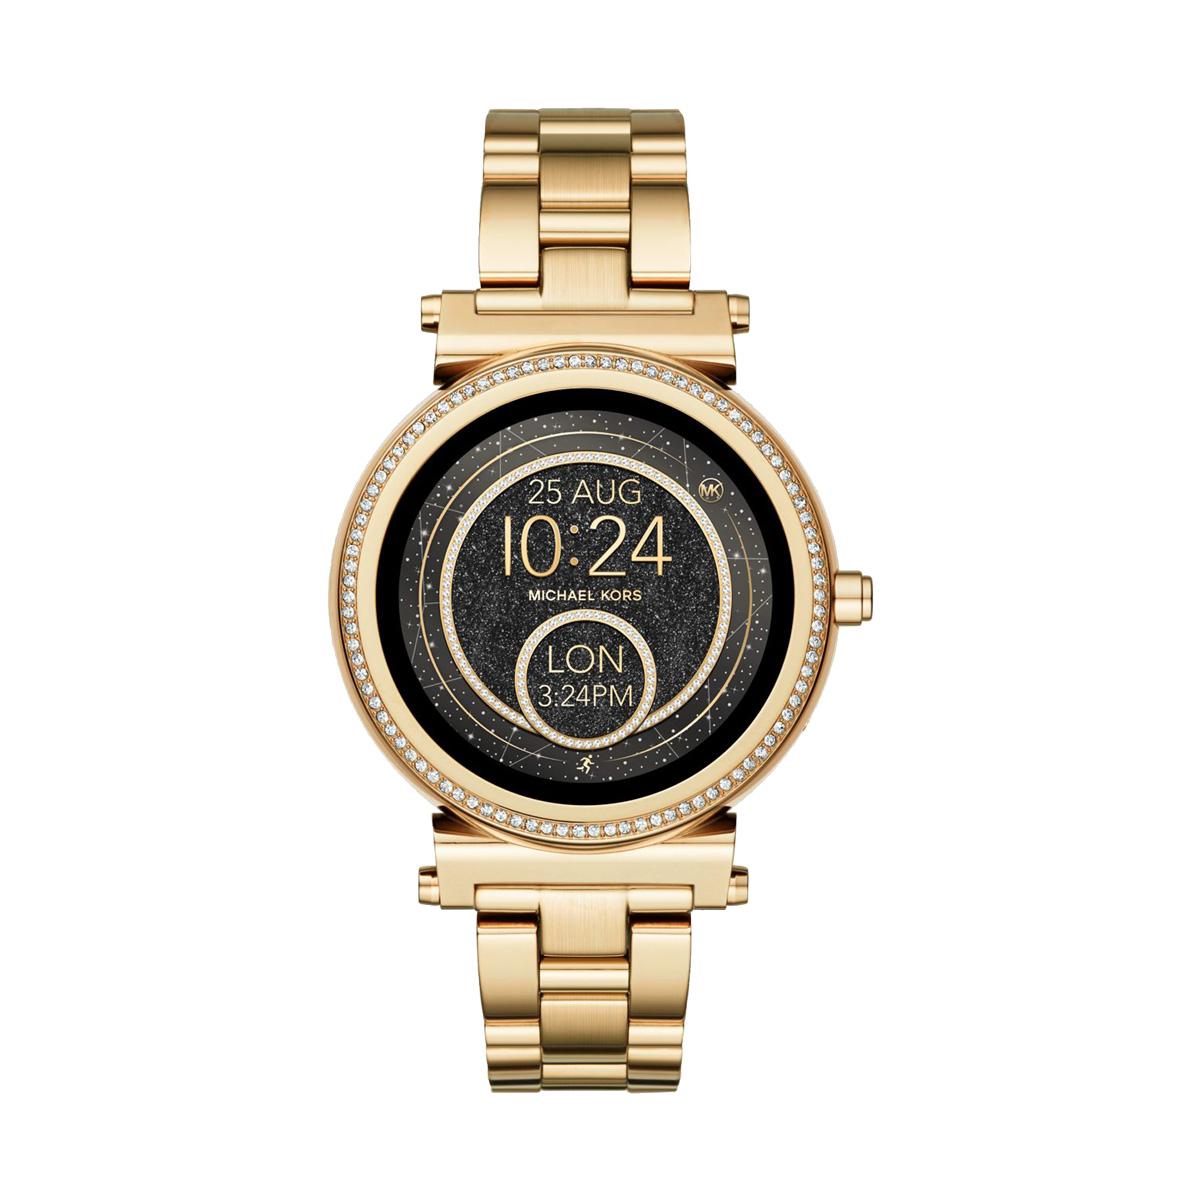 Relógio Inteligente MICHAEL KORS Access Sofie (Smartwatch) MKT5021.  Adicionar à Lista de Desejos Remover da Lista de Desejos 144fdd92f0